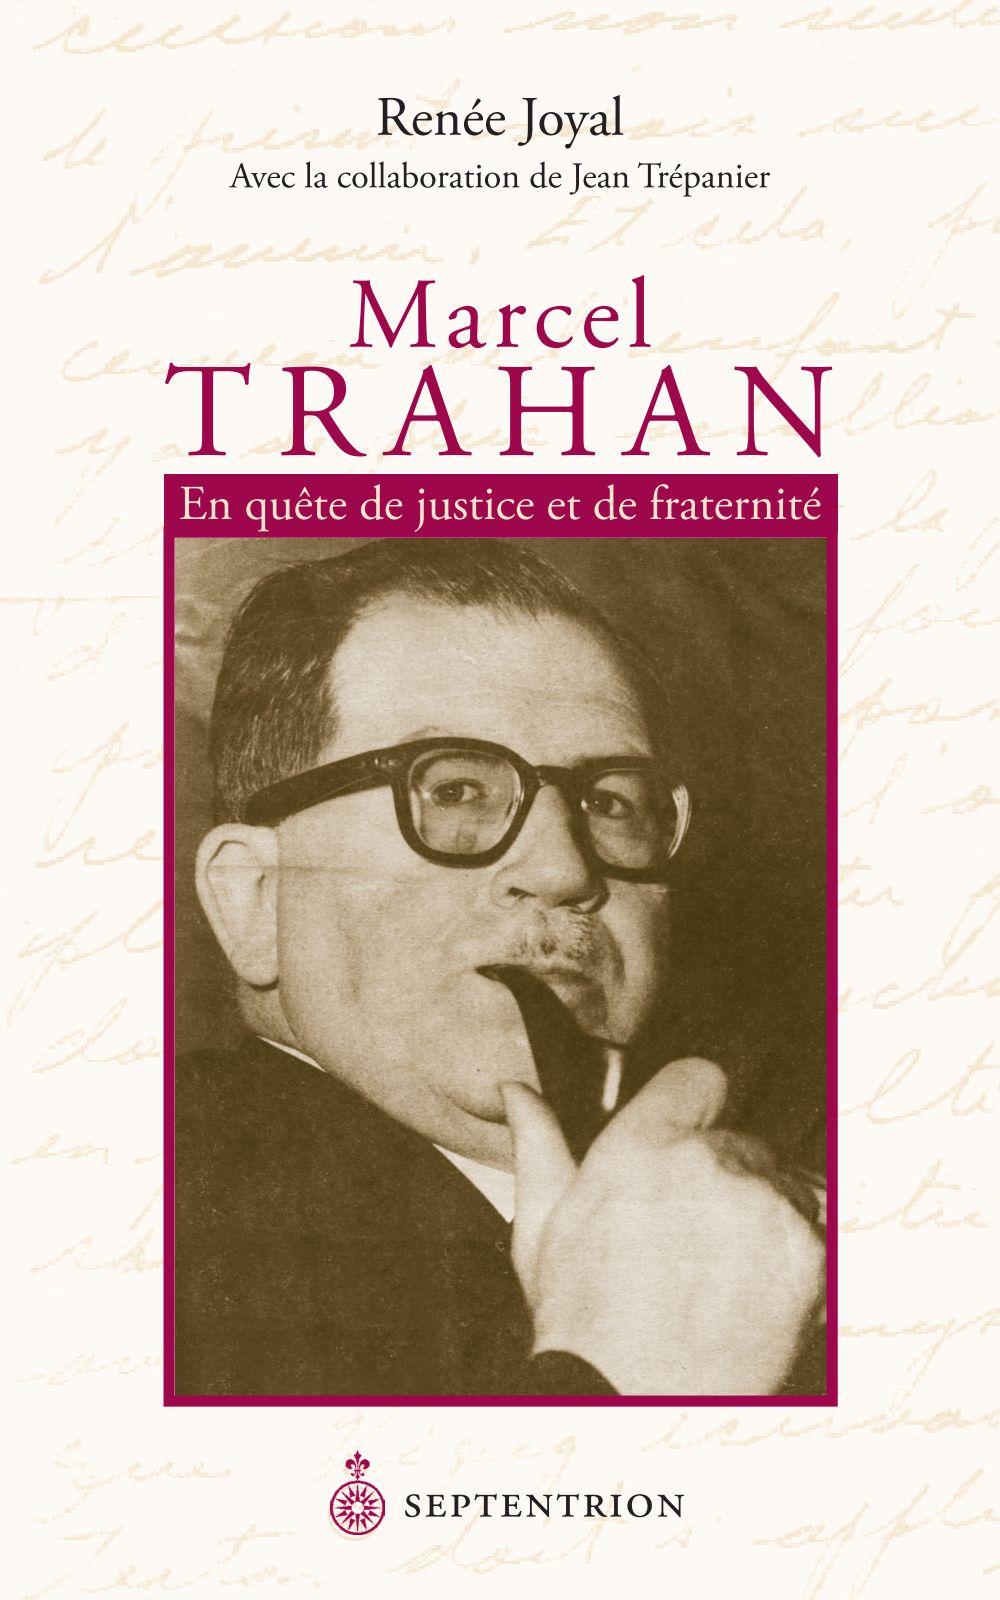 Marcel Trahan. En quête de justice et de fraternité